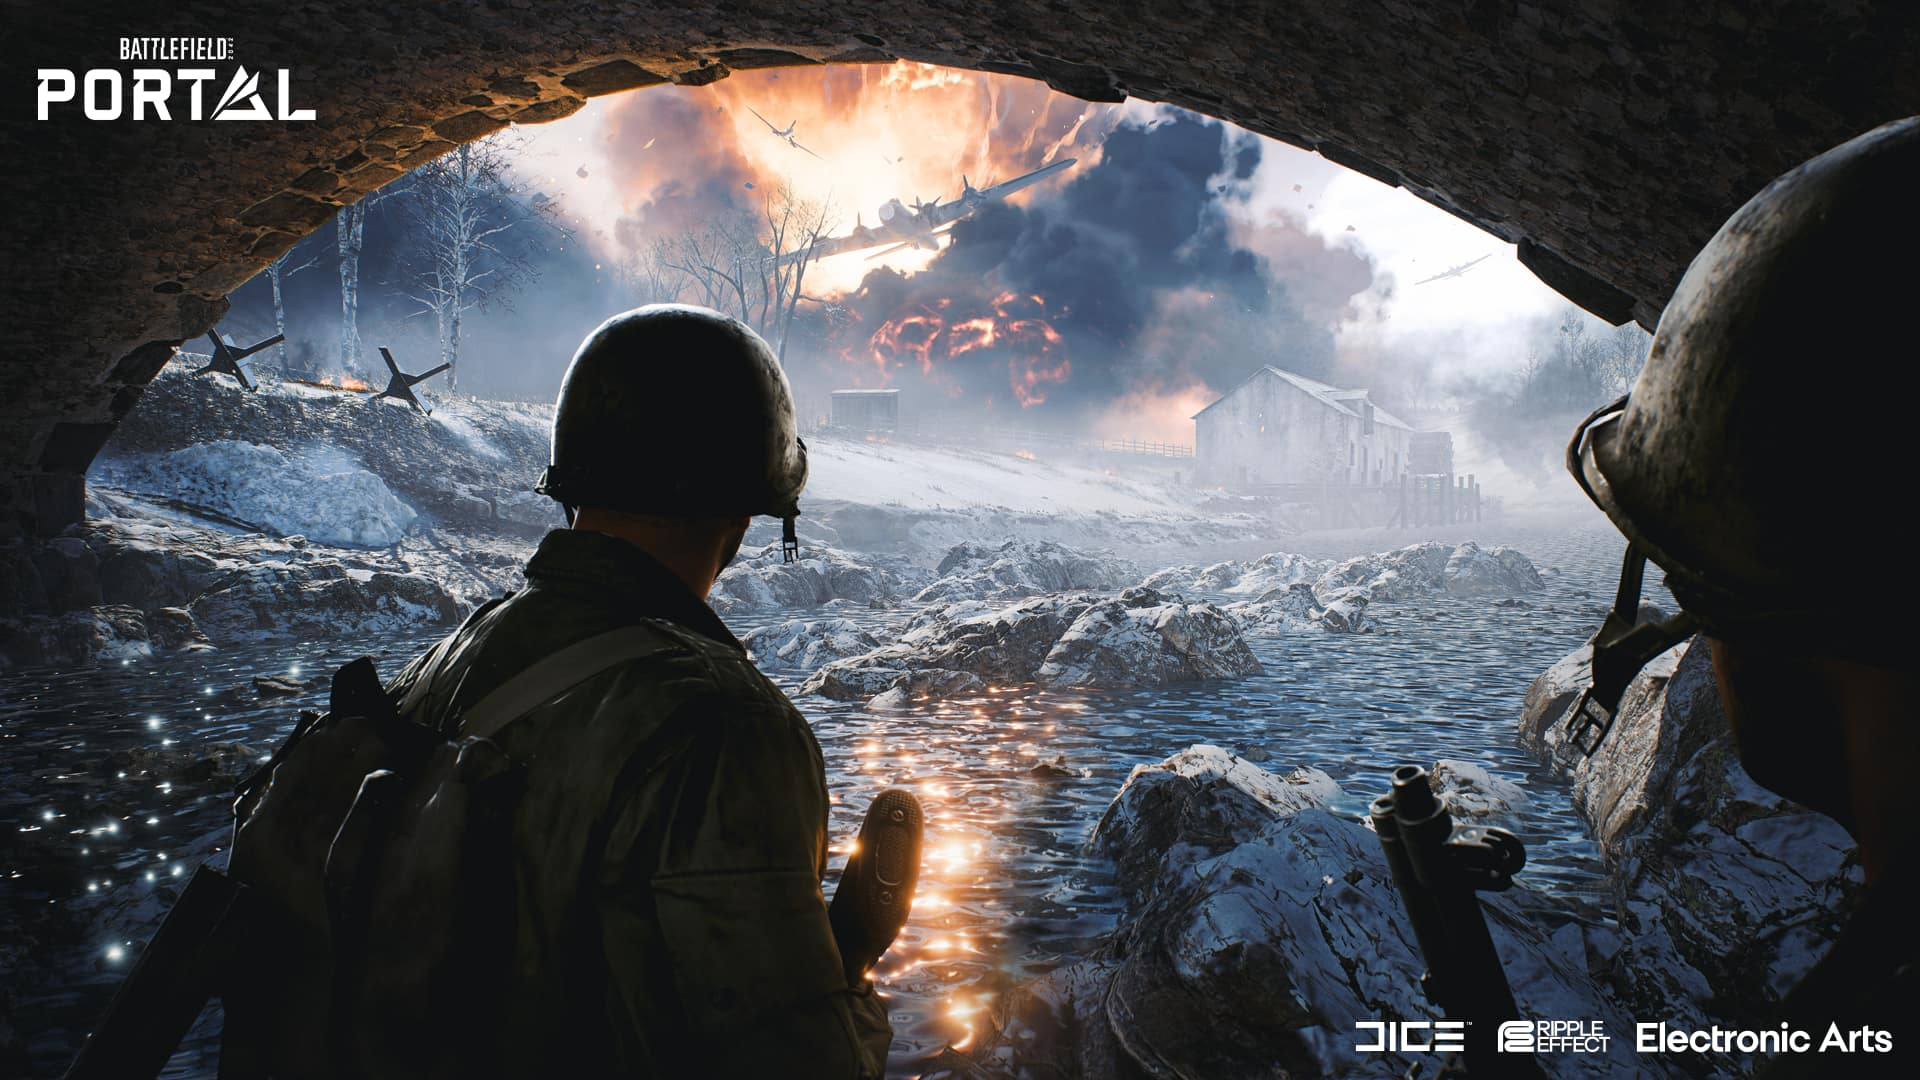 Todo sobre Battlefield Portal, el nuevo modo de juego de Battlefield 2042 que recupera los mejores mapas de la saga 2